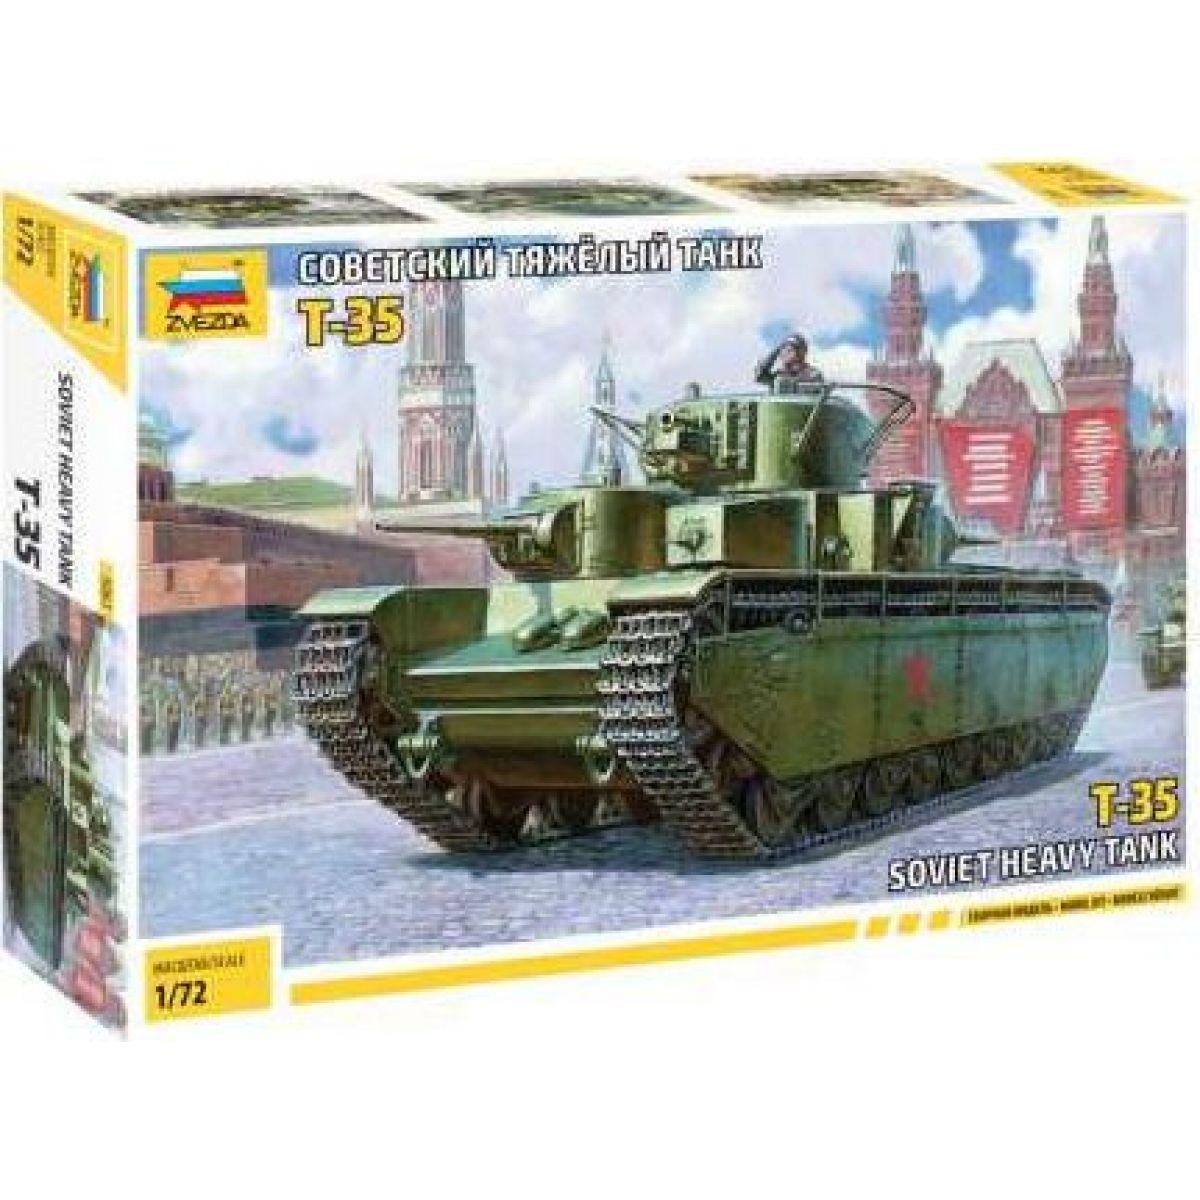 Zvezda Model Kit tank Soviet Heavy Tank T-35 1:72